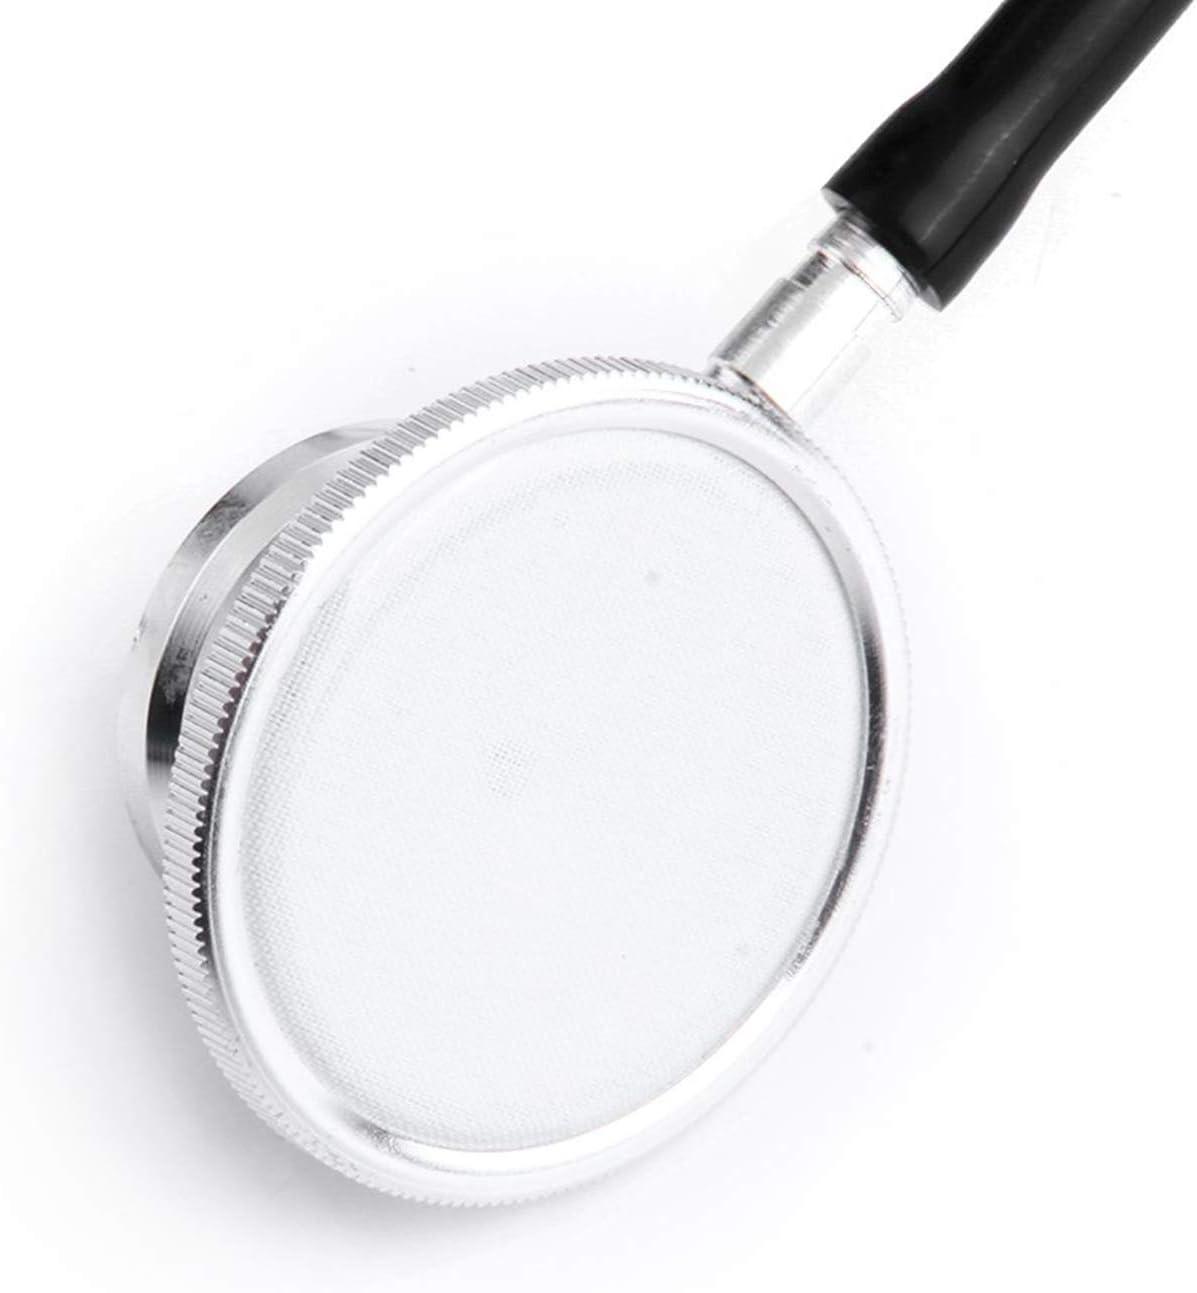 St/éthoscope Professionnel Double m/édecin en Chef infirmi/ère Soins m/édicaux /à Domicile Heath